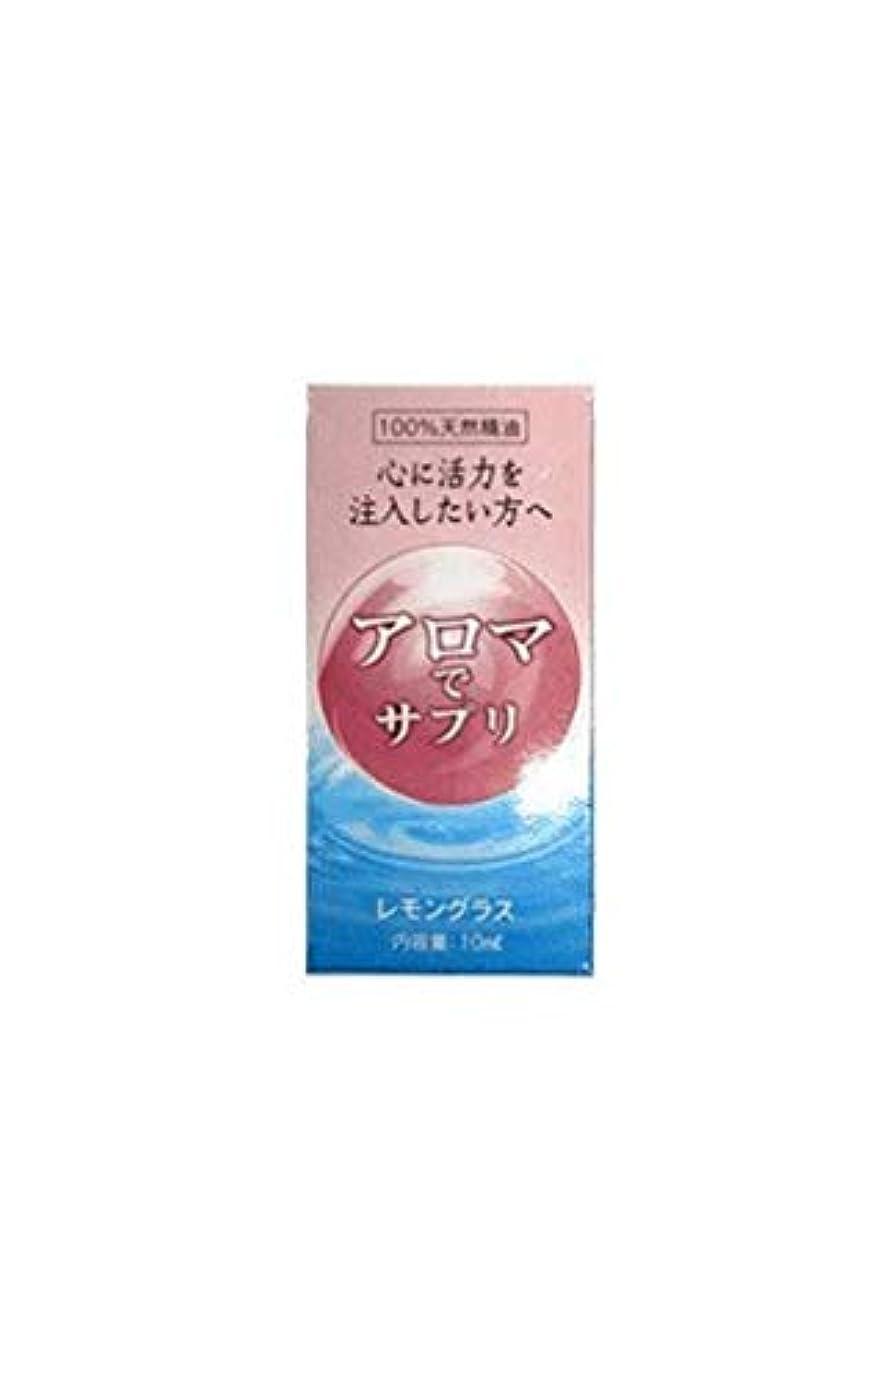 未使用イベント料理香りのアロマでサプリ 10ml レモングラス